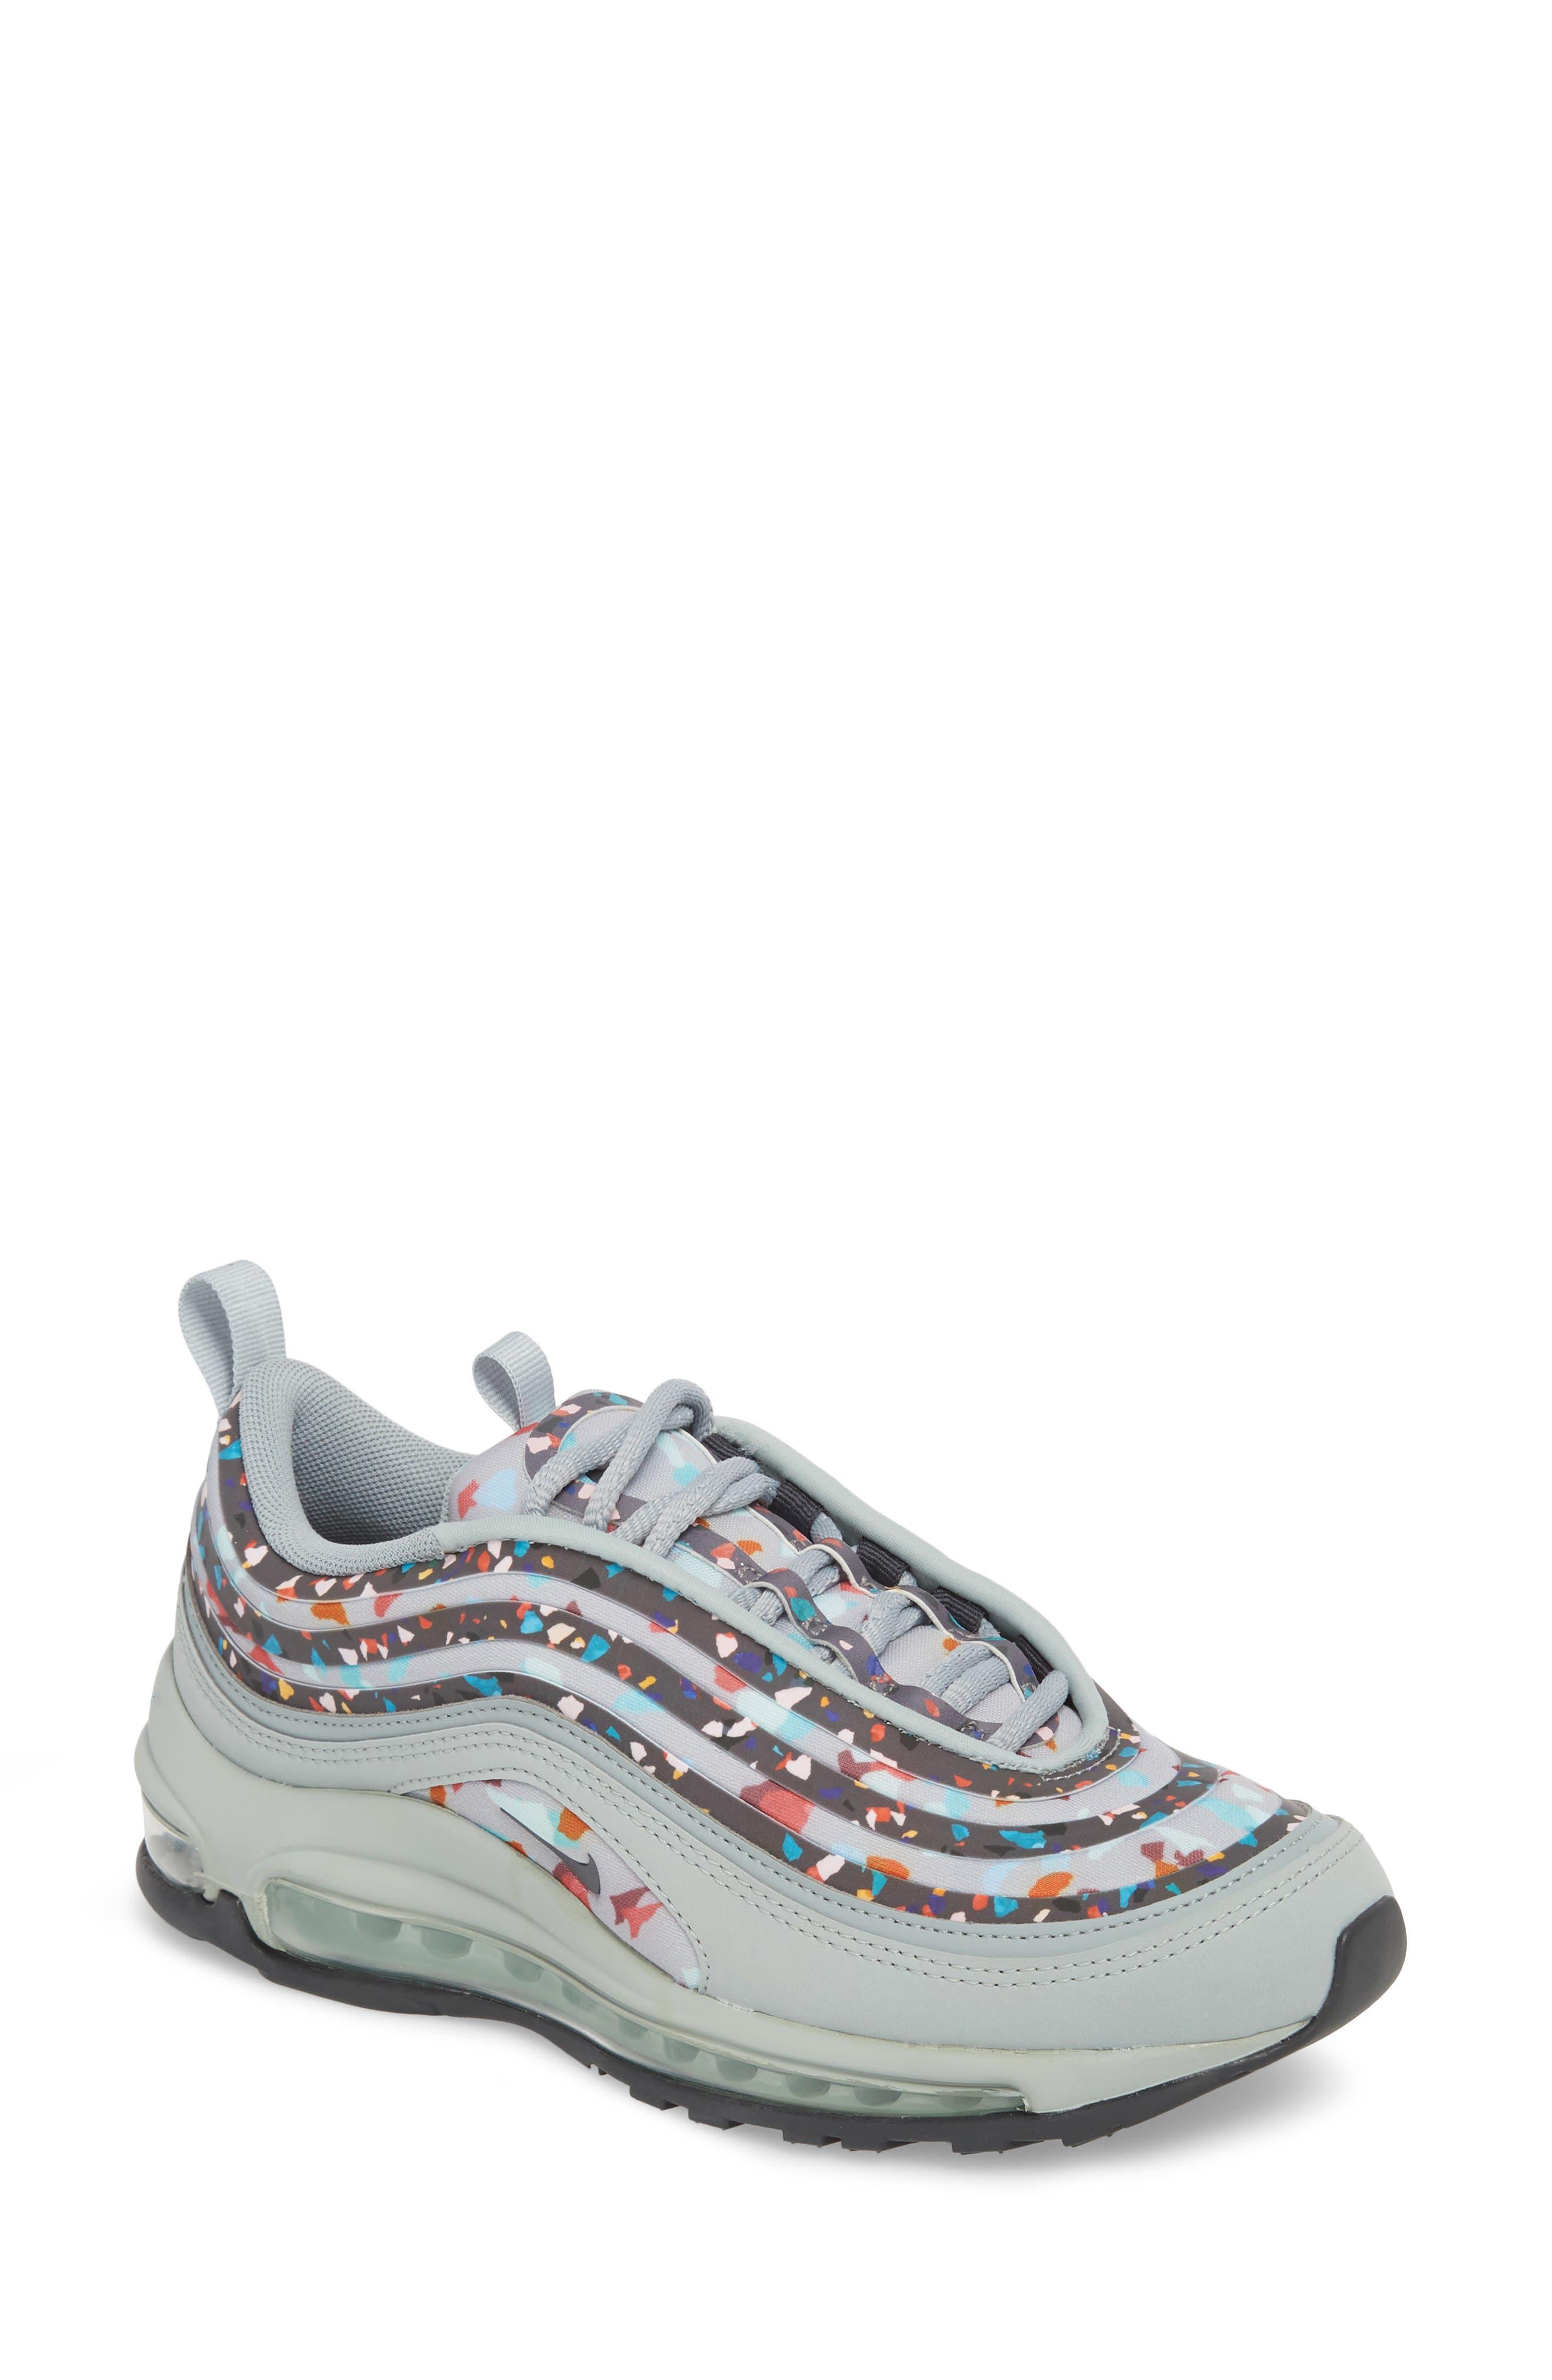 Nike Air Max 97 Ultra '17 Premium Sneaker (Women)